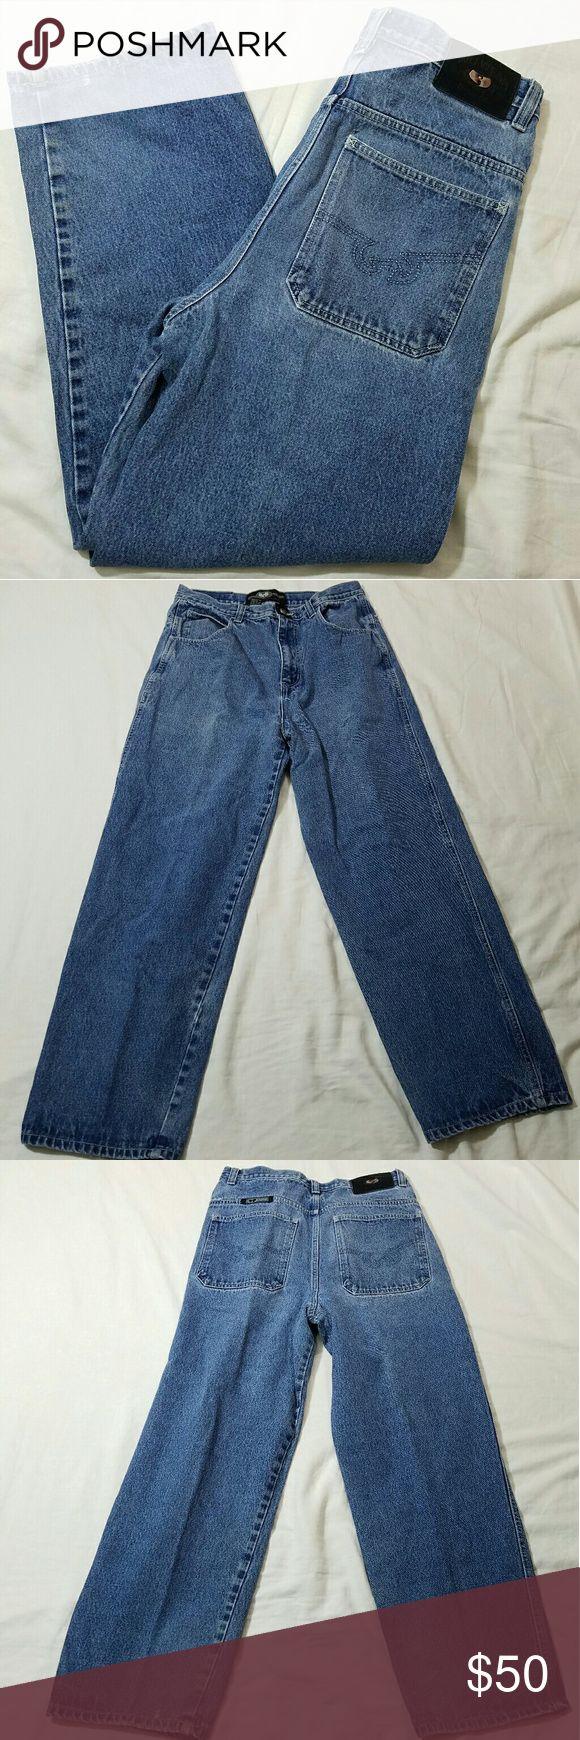 Wu Wear Wu-Tang Clan Jeans Size 34x32 Hip Hop Wear Wu Wear Wu-Tang Clan Jeans Size 34x32 Hip Hop Wear.  Excellent Pre-Owned Condition Wu-Wear Jeans